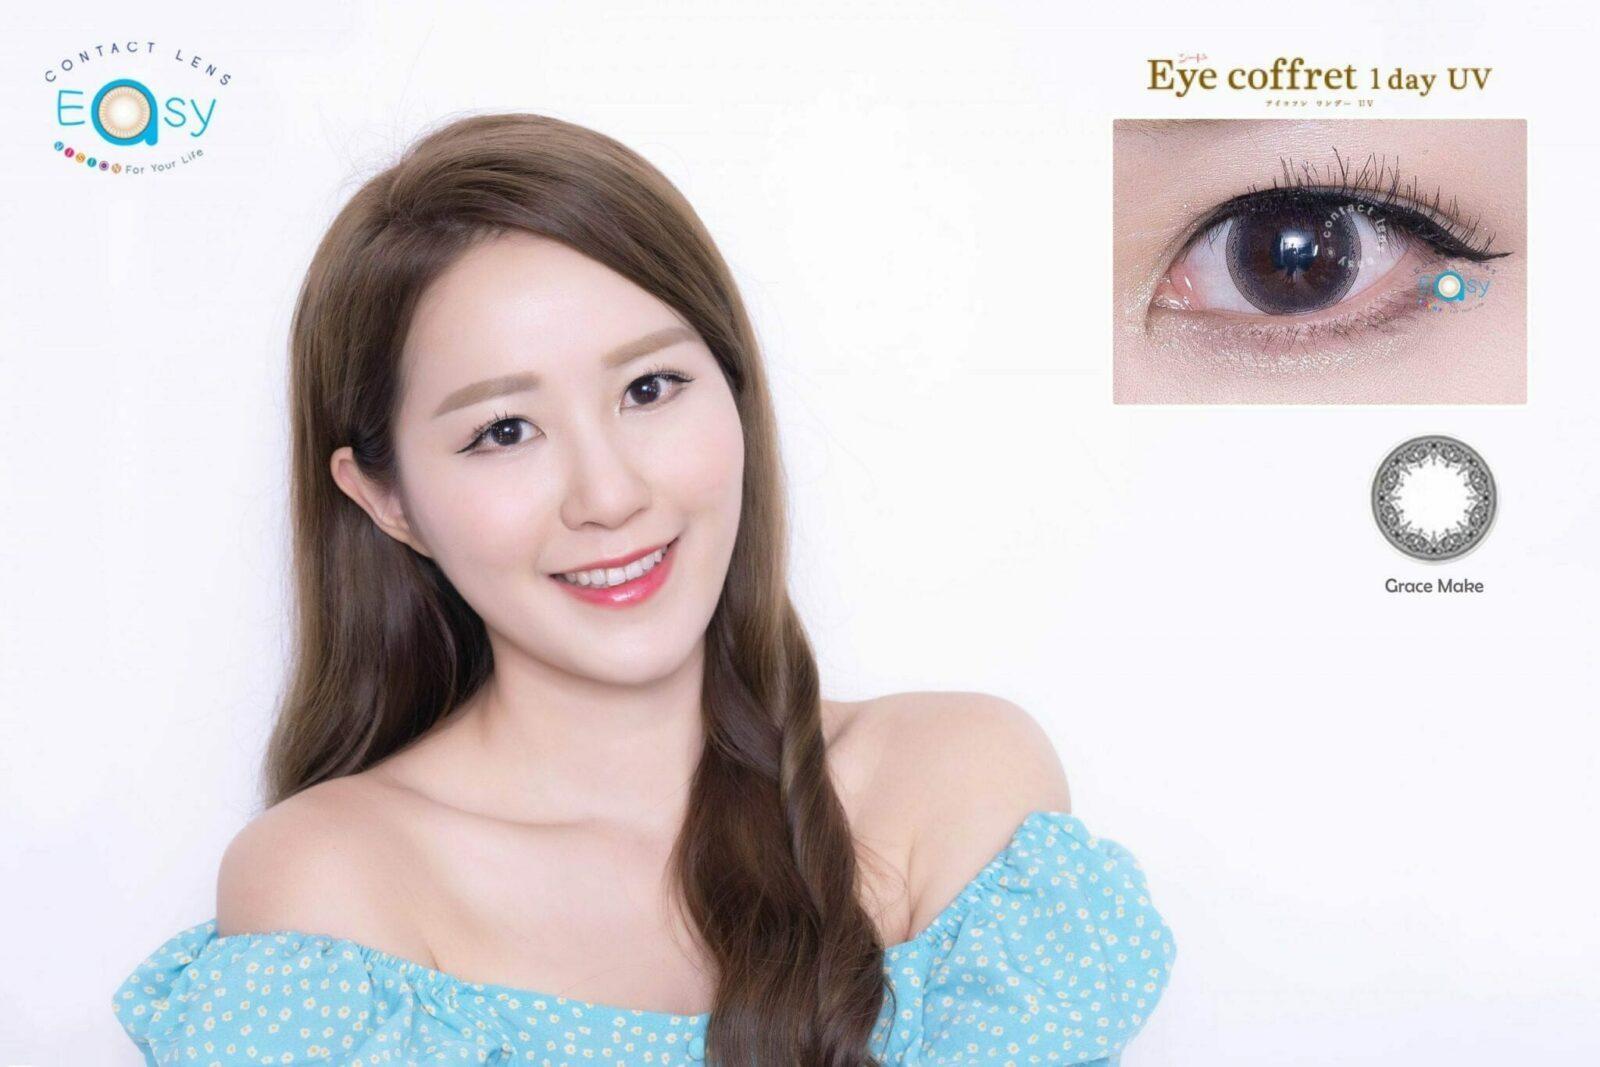 Eye Coffret 1 Day UV_info3